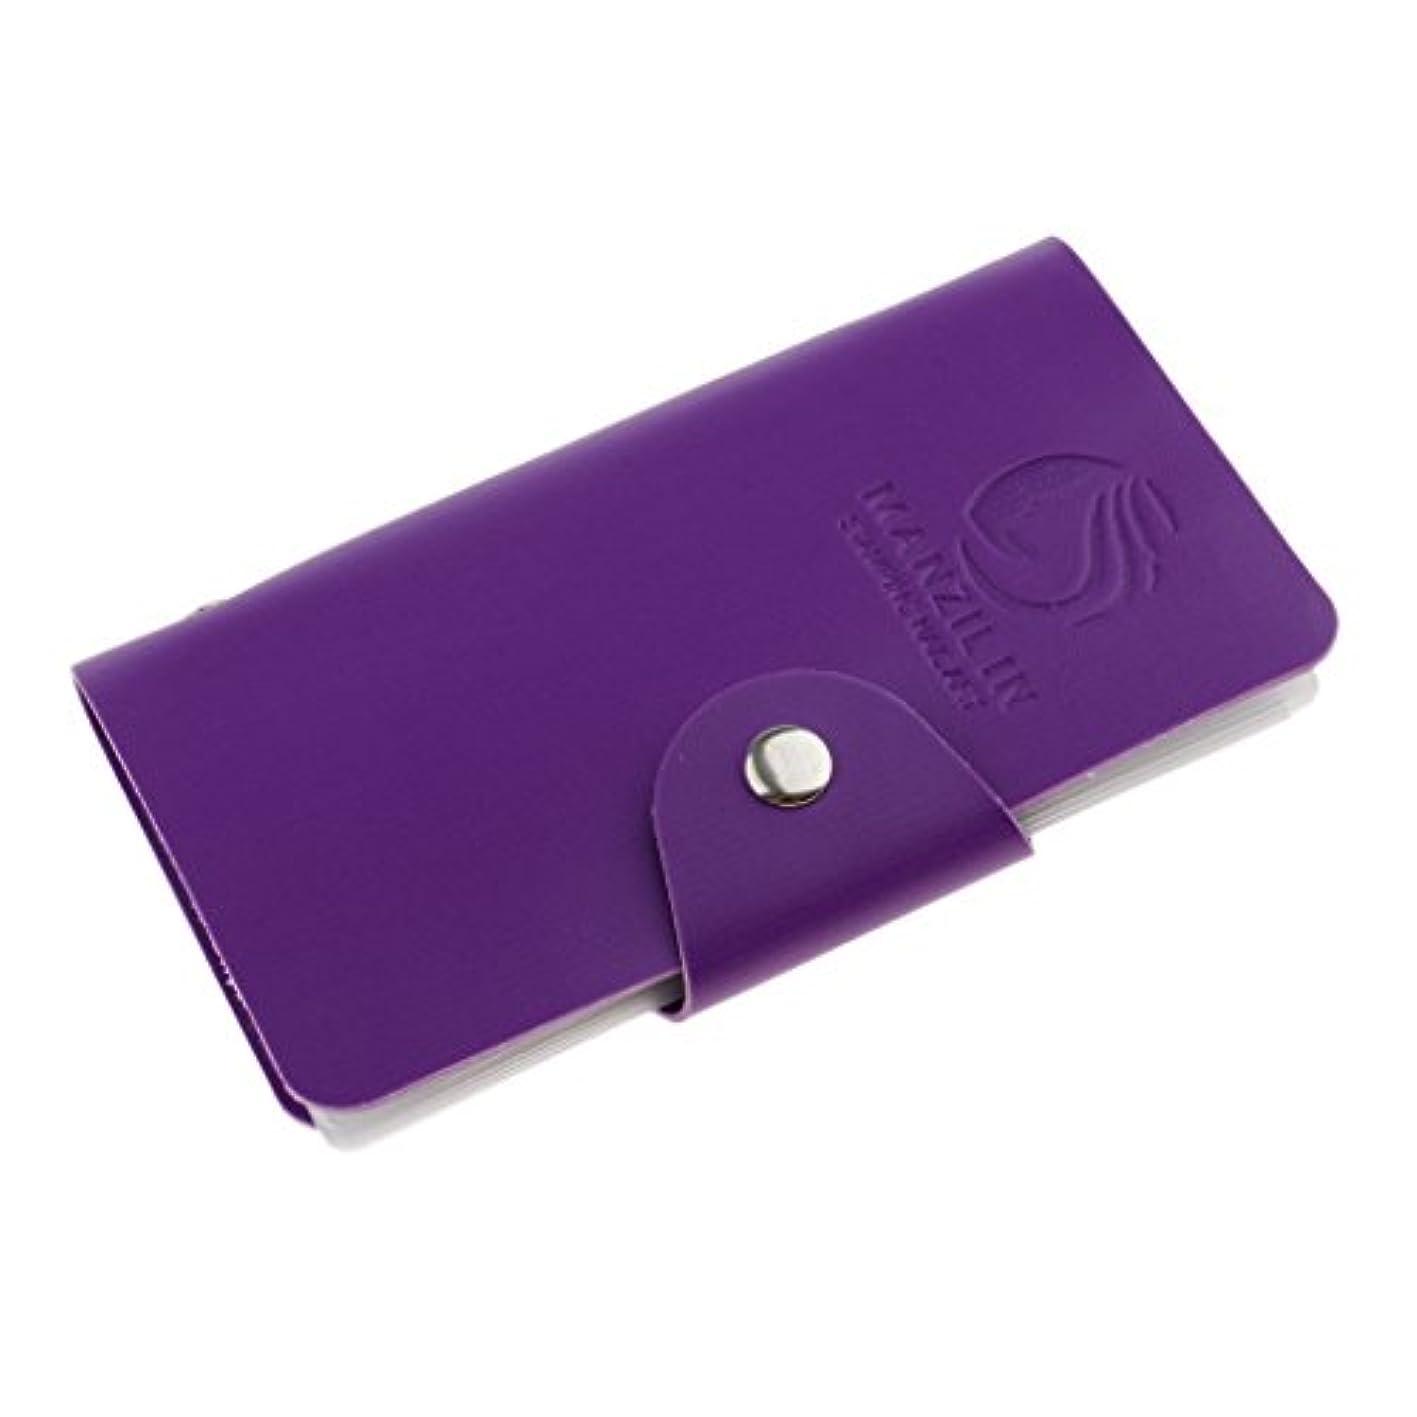 塩辛い原告従順Kesoto ネイルアートプレートスタンパーバッグ 24スロット ネイルアート ステンシルスタンピング プレート ホルダー オーガナイザーケース バッグ 5色選べ - 紫